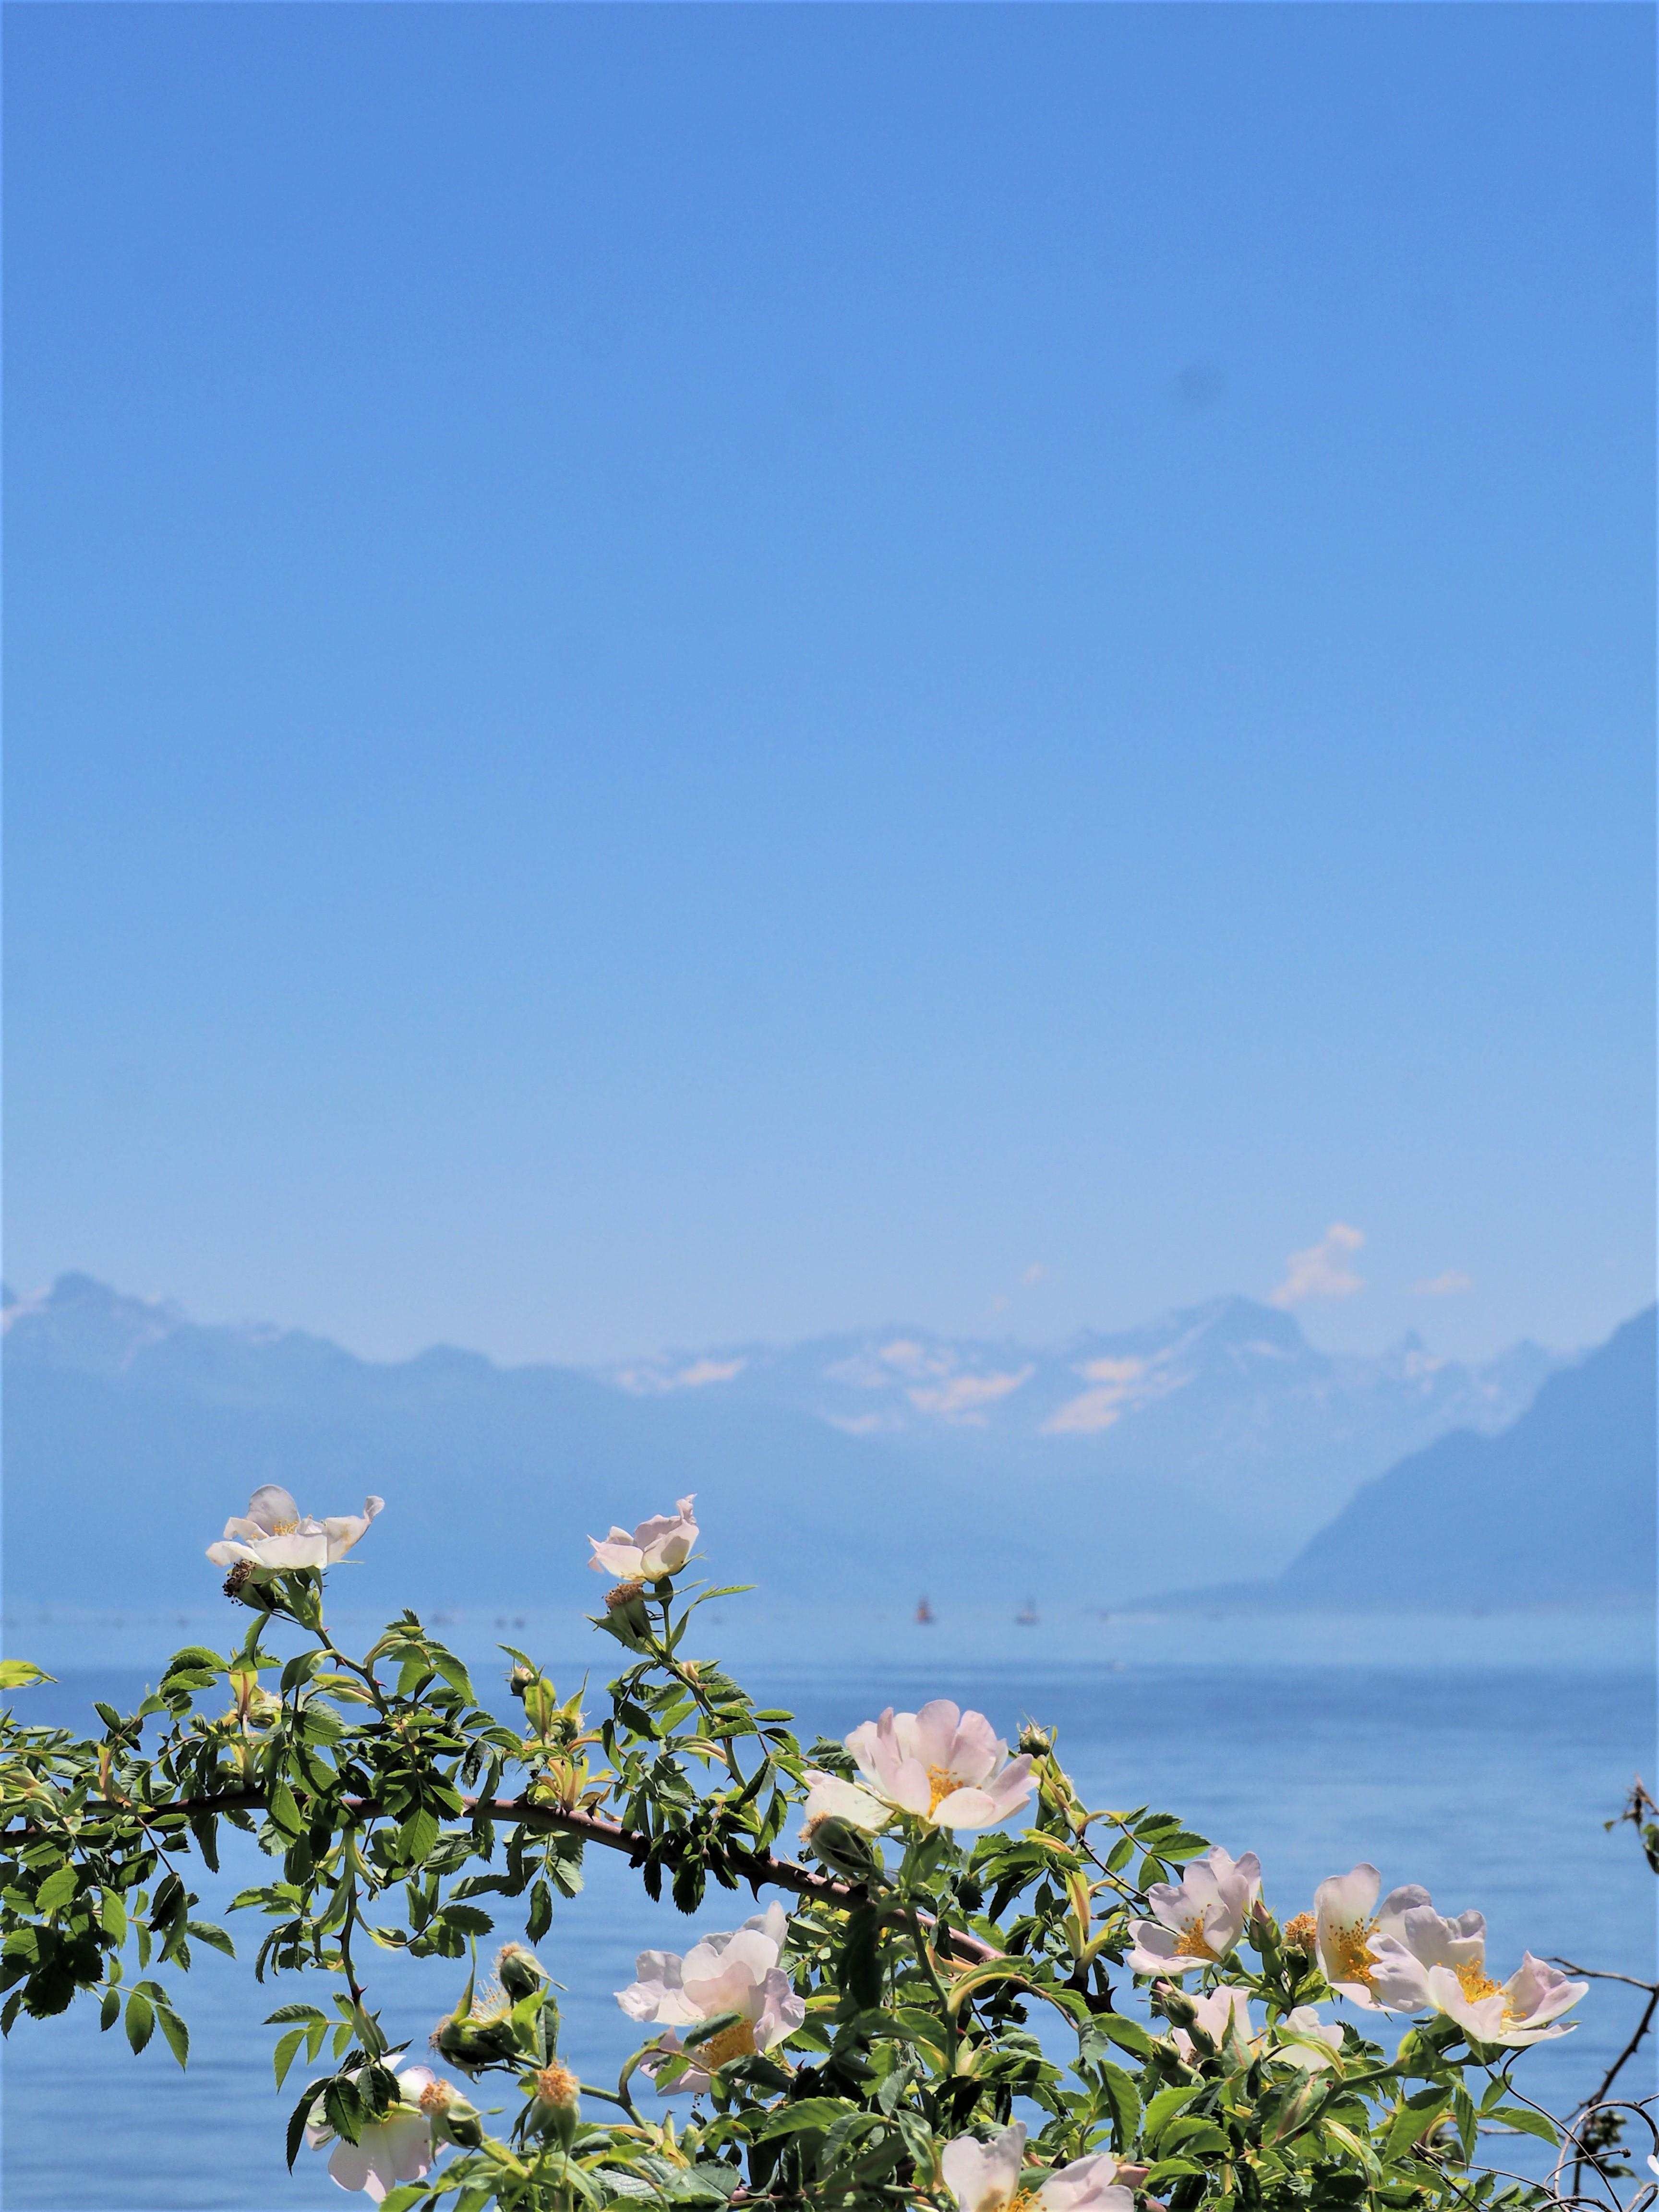 Automne Hiver lac Léman Lausanne Suisse fleur clioandco blog voyage